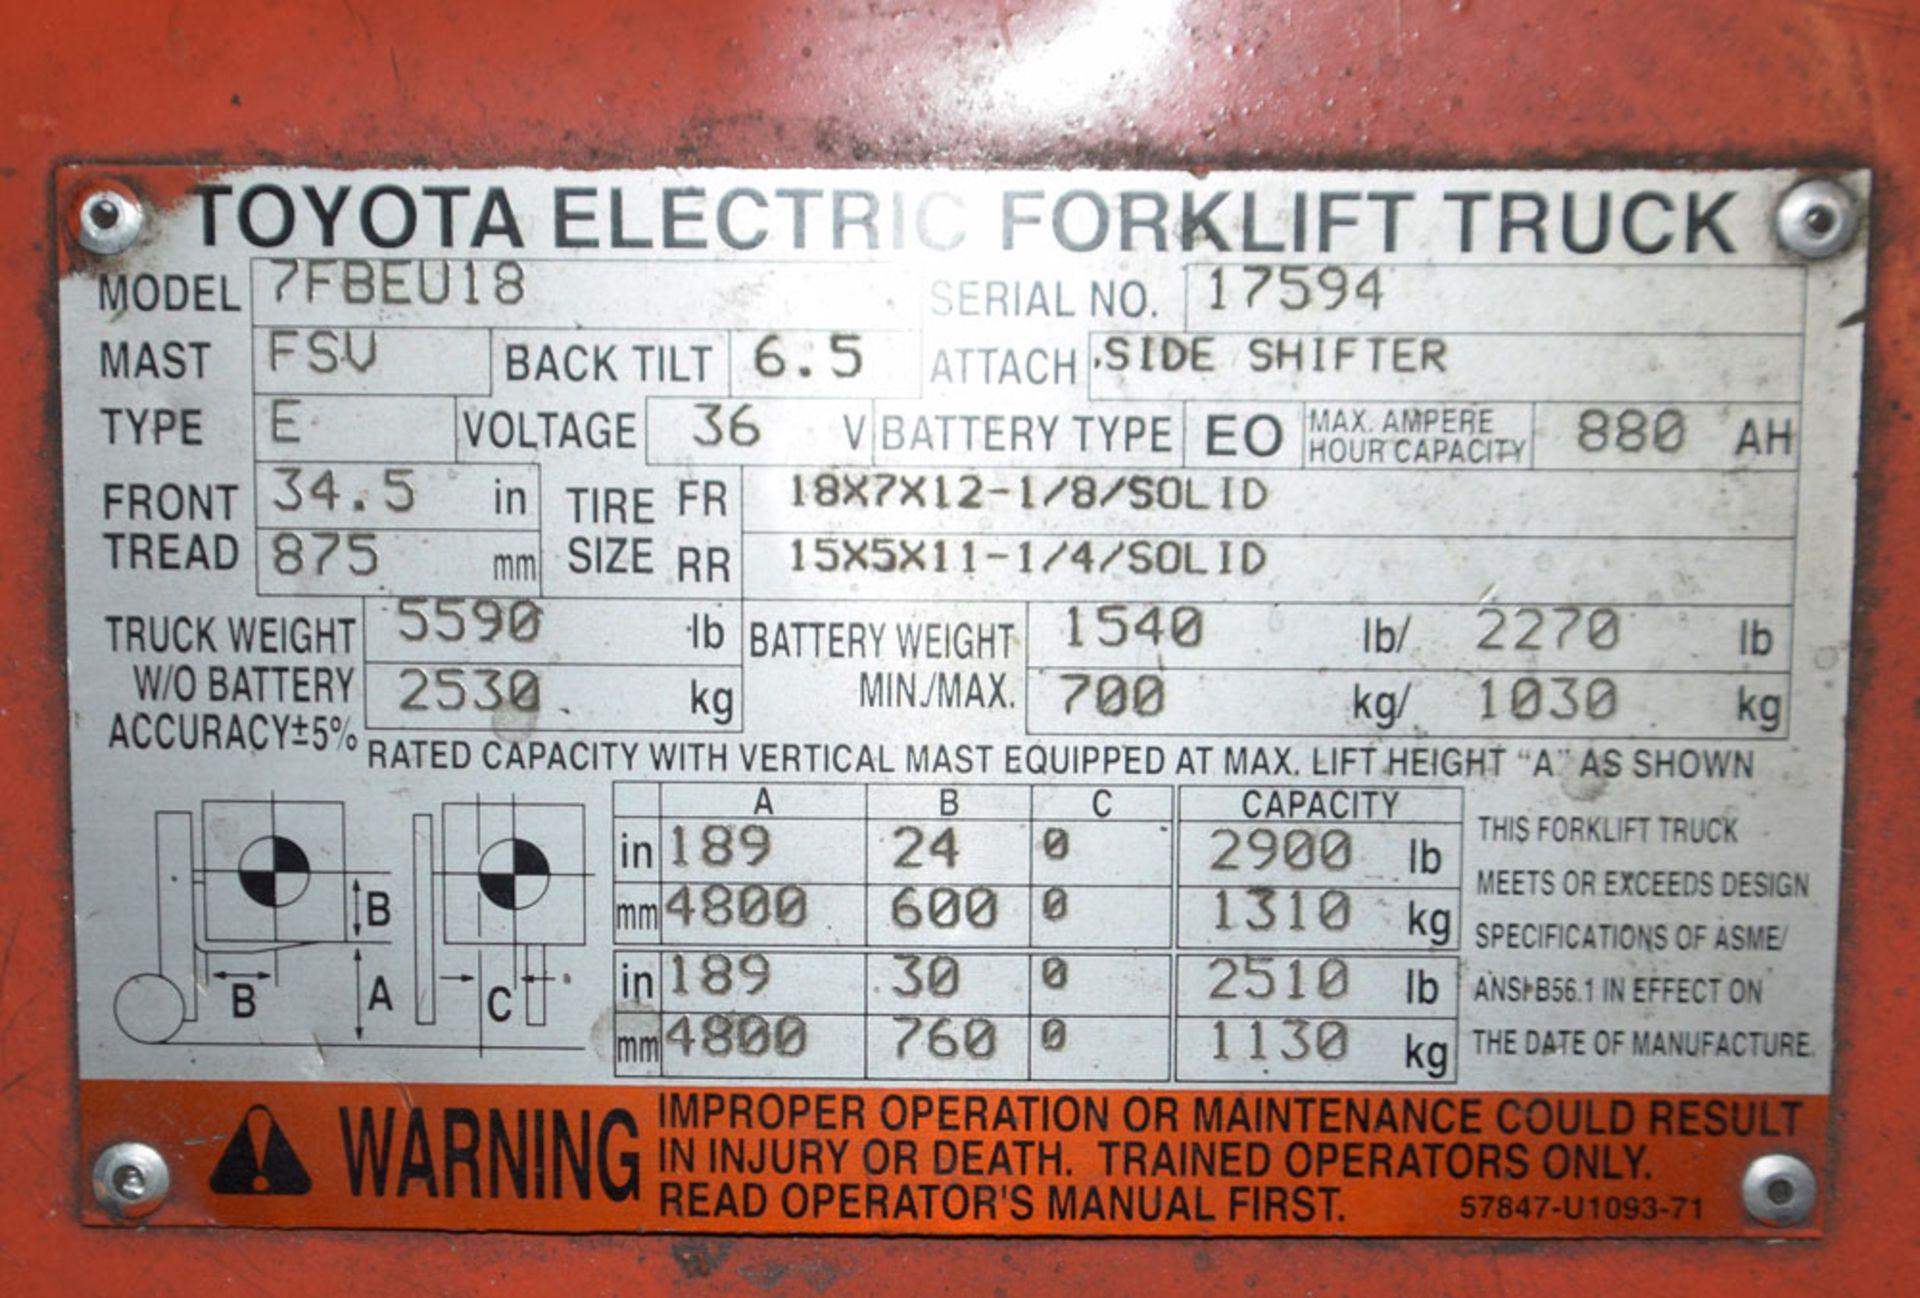 Forklift - Image 8 of 8